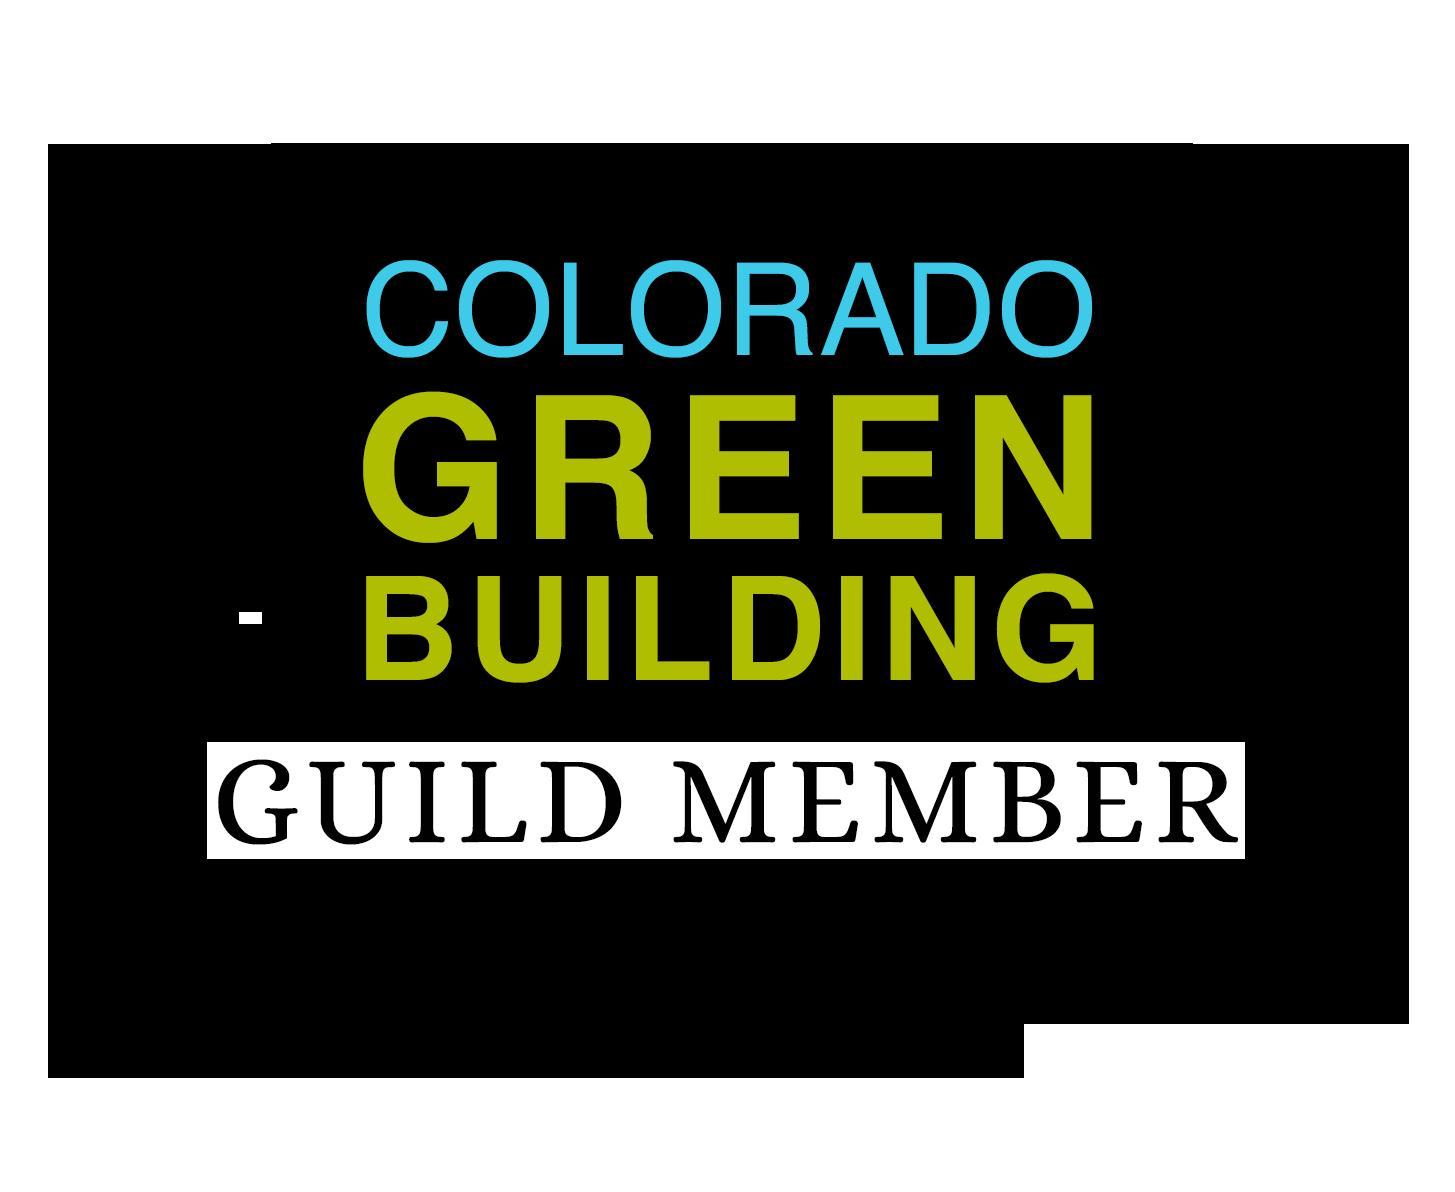 colorado-green-building-guild-badge-guild-member